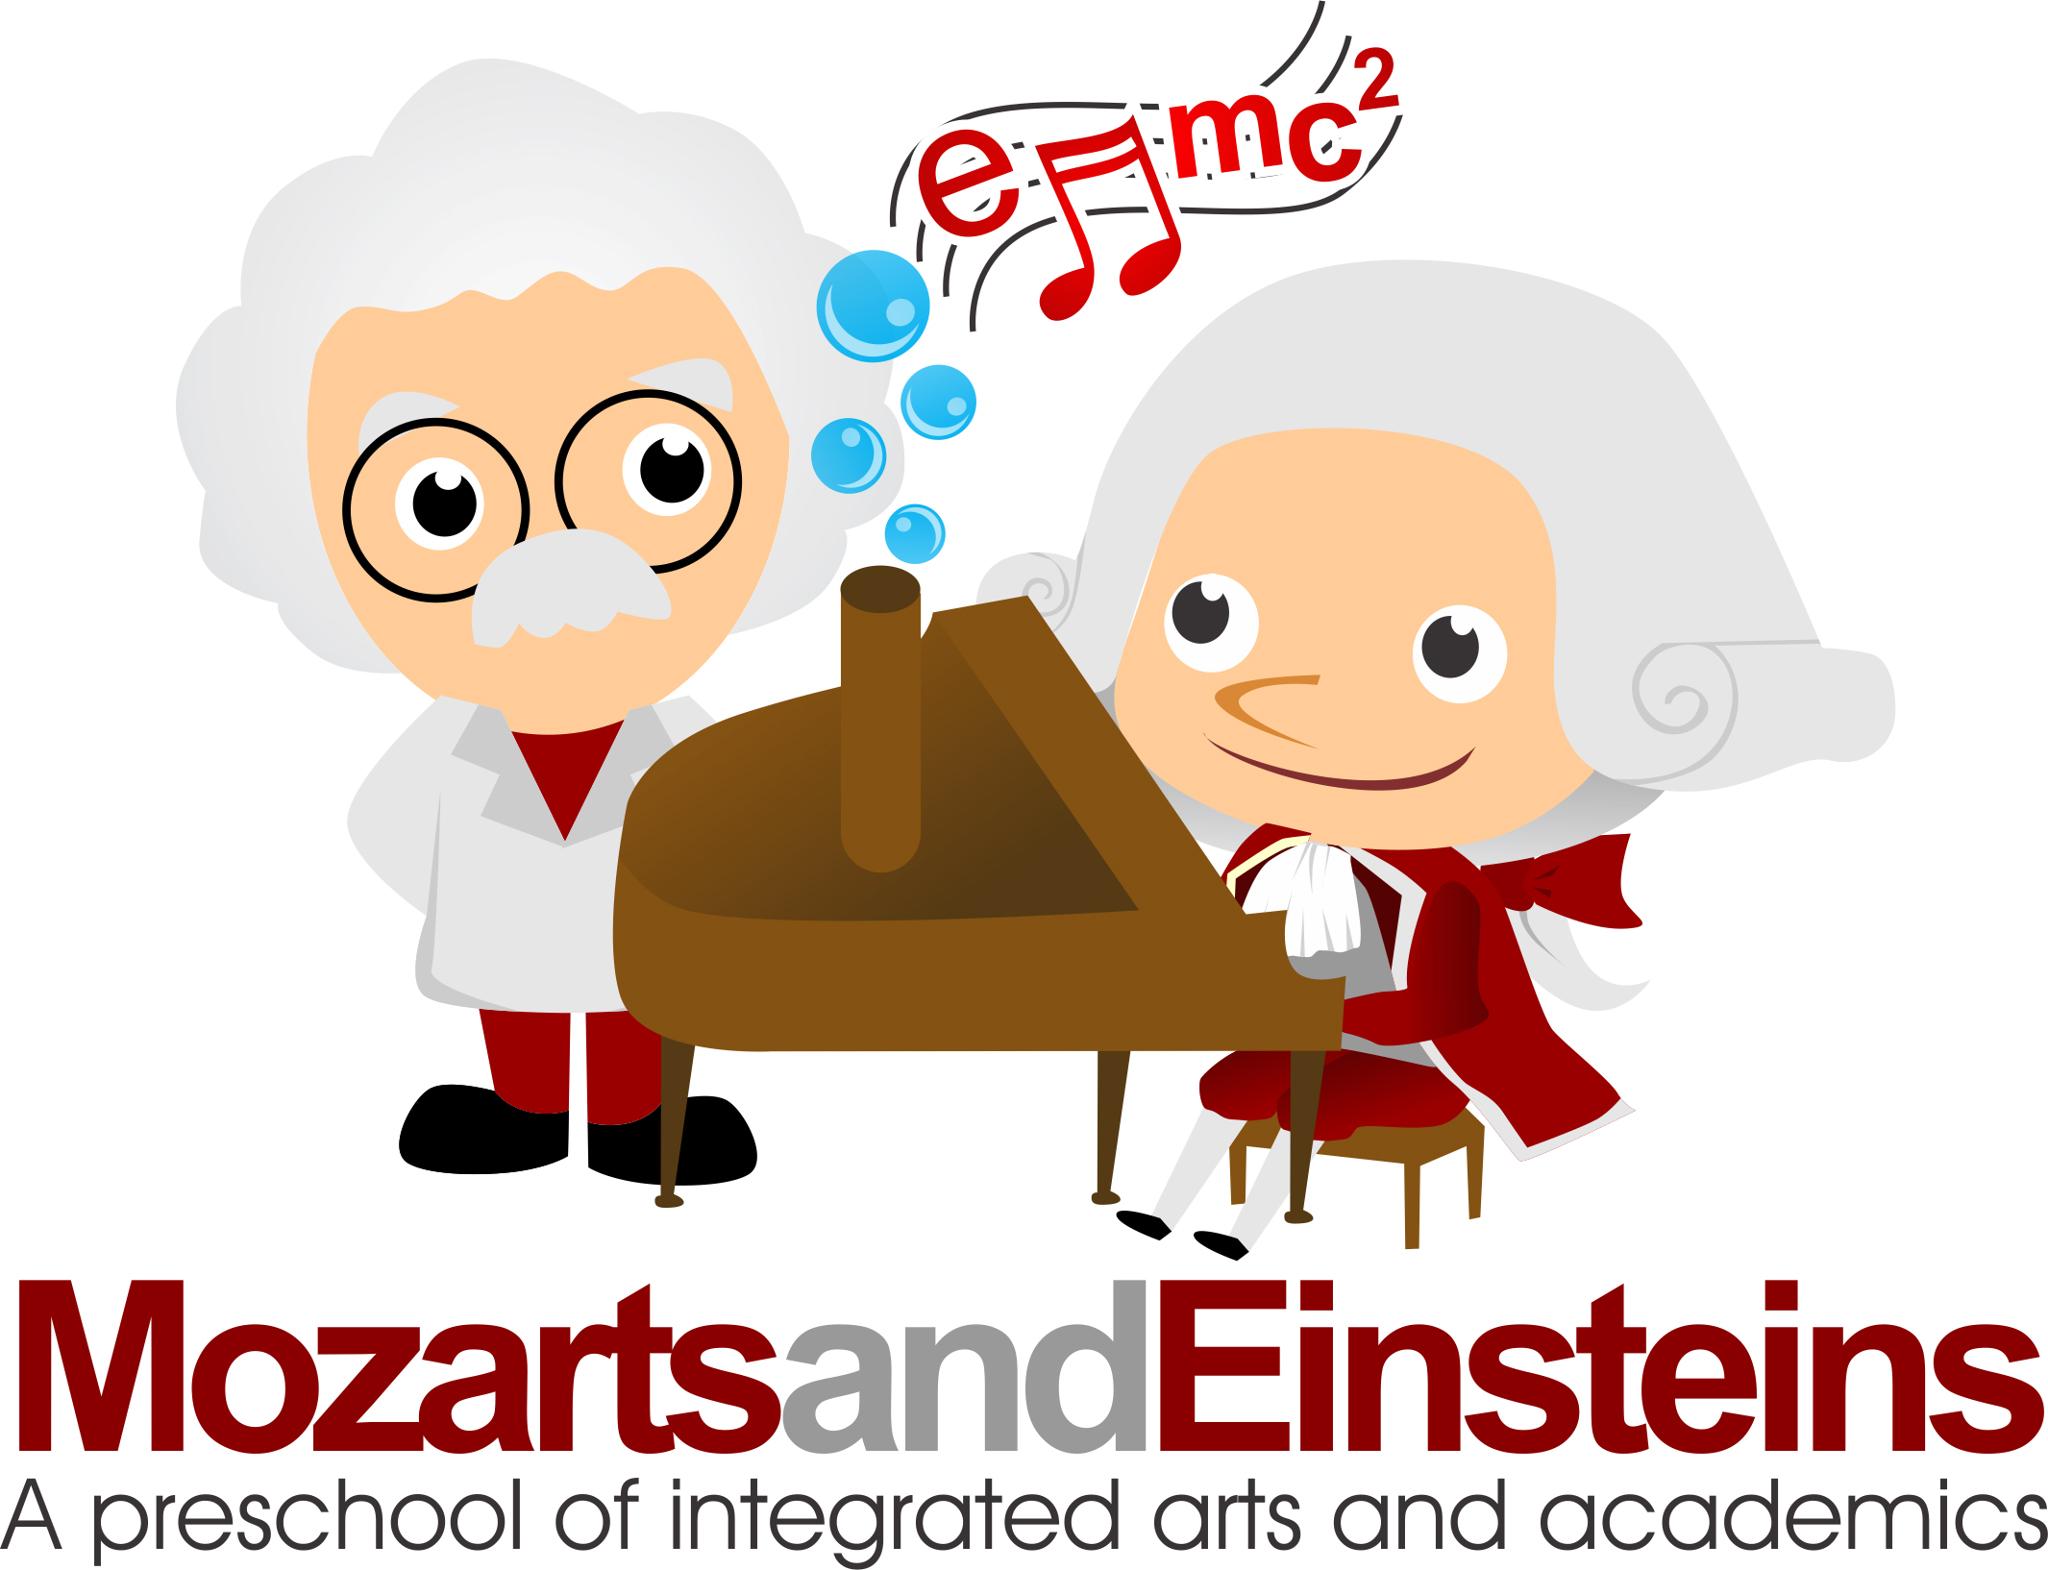 Mozarts and Einsteins